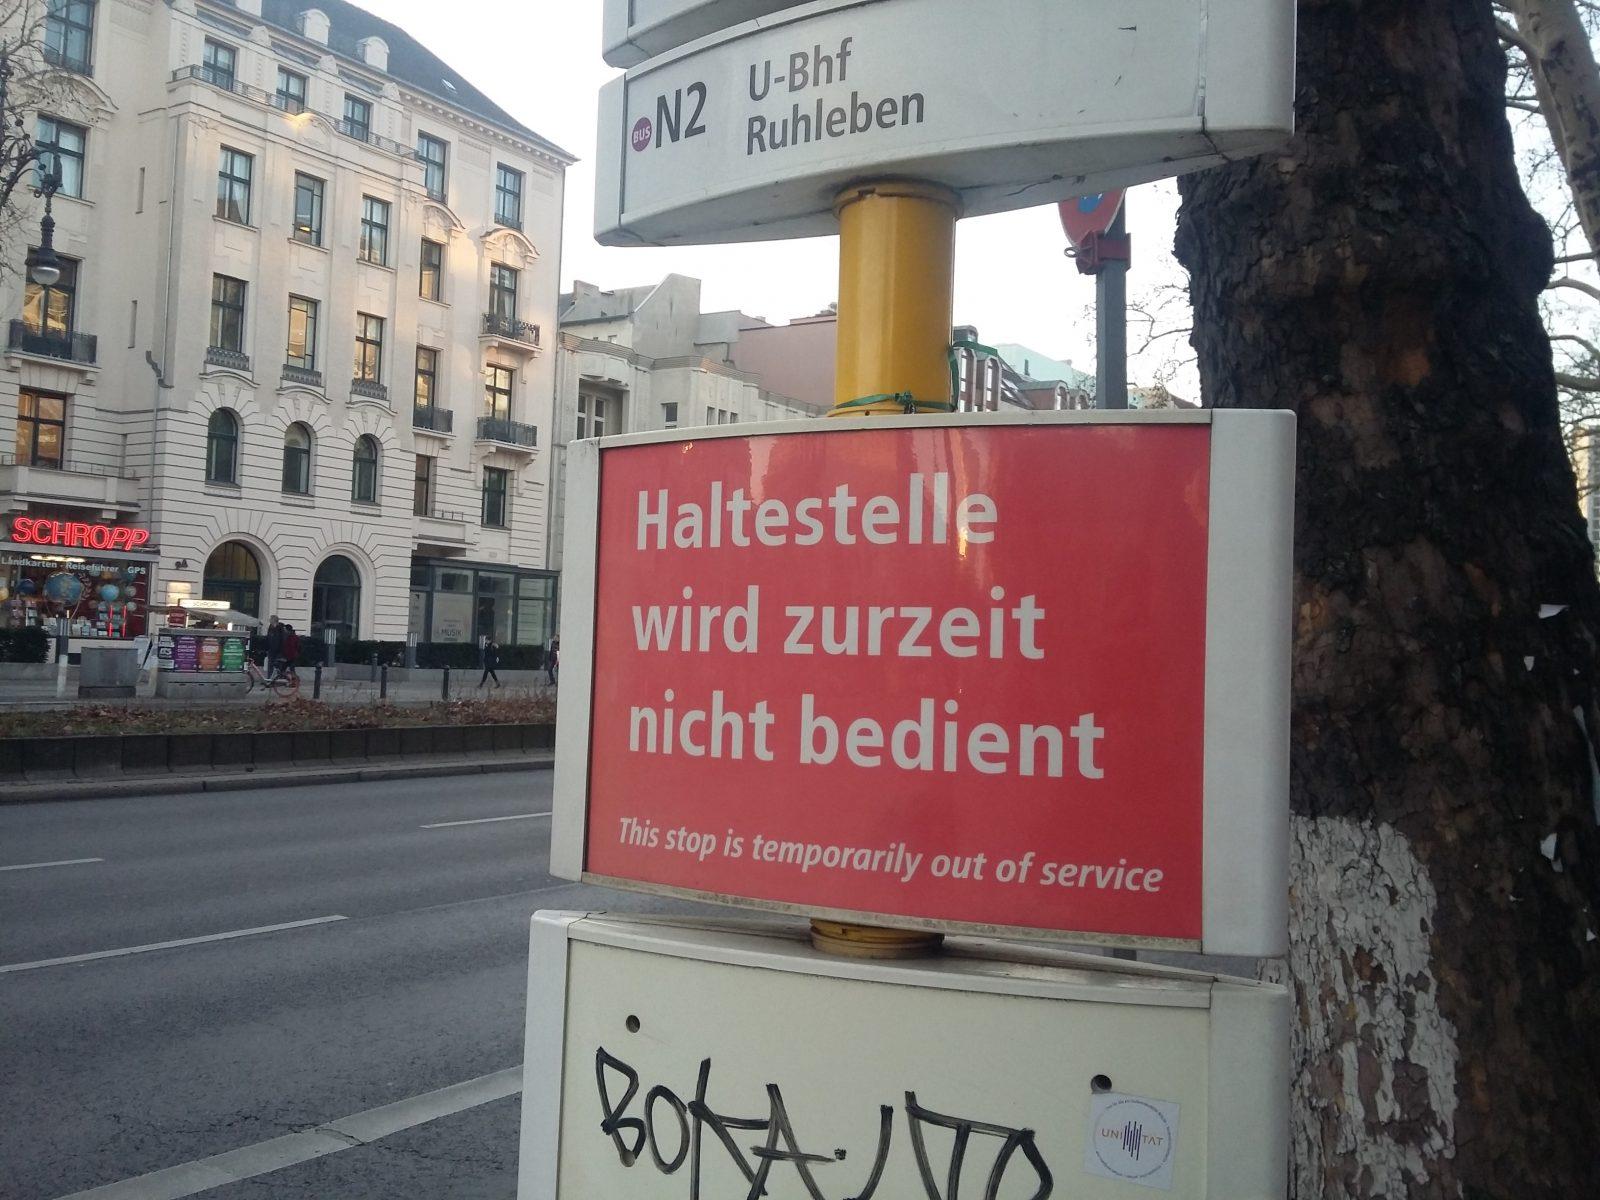 Strassenbahn_Dienstleistung